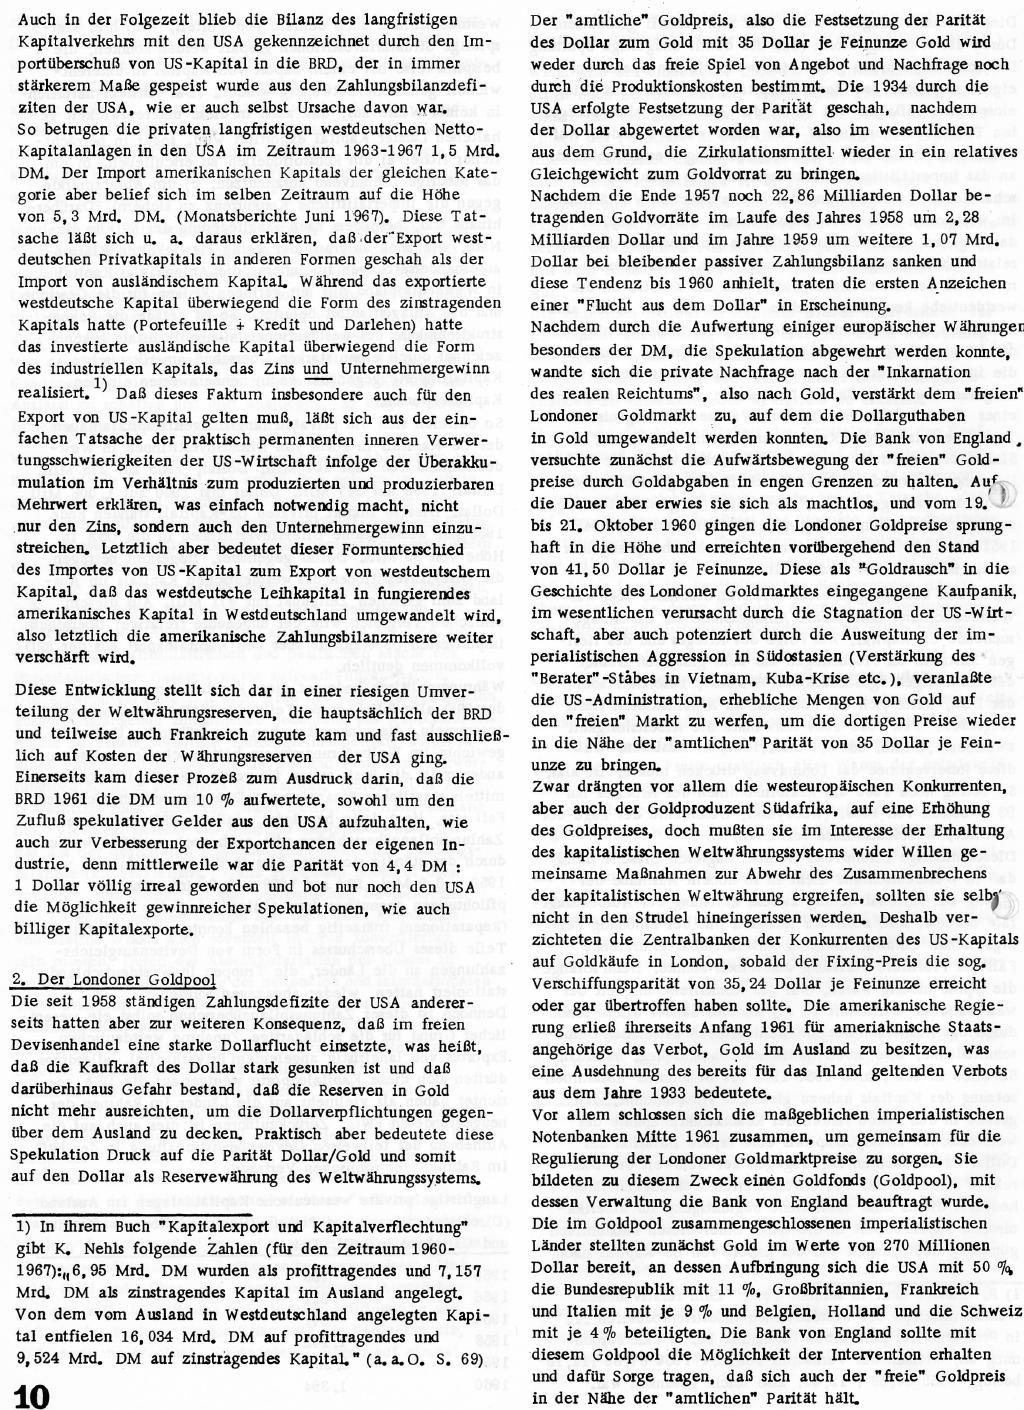 RPK_1971_117_10